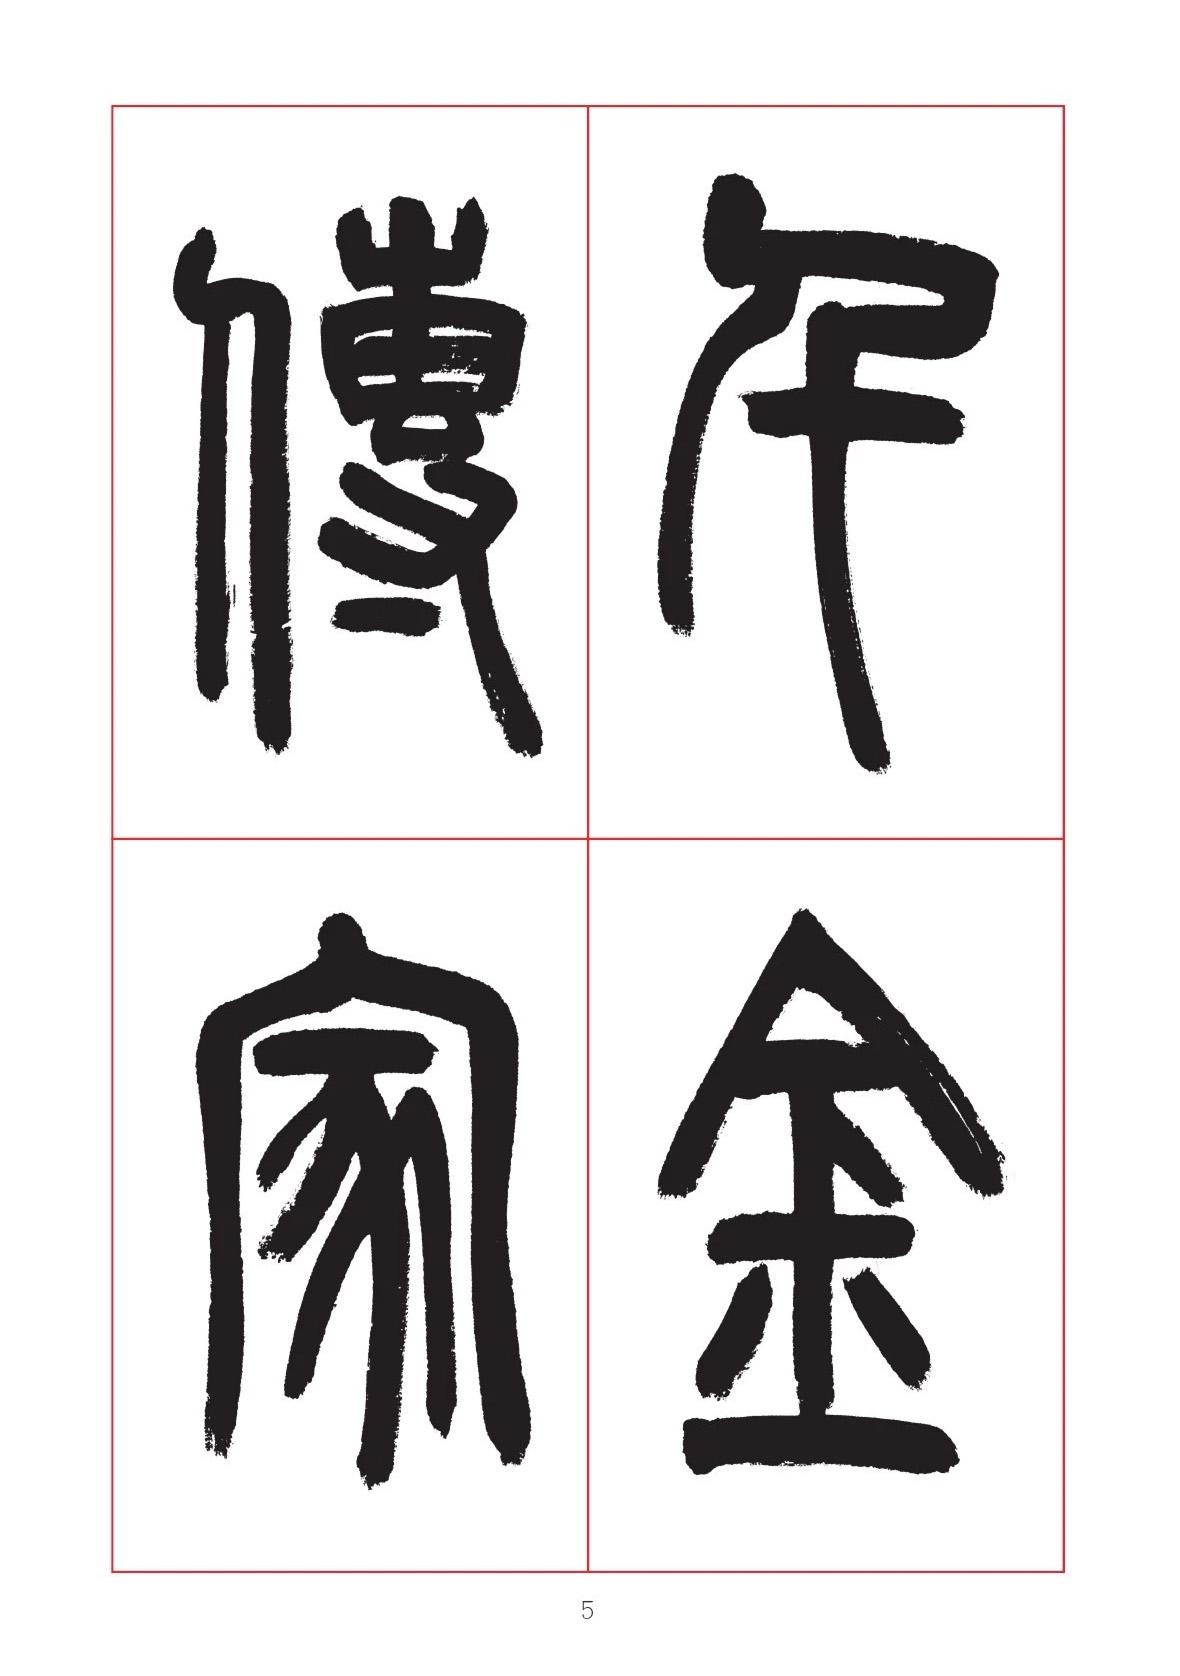 邓石如篆书7言联六则,写春联时可以参考